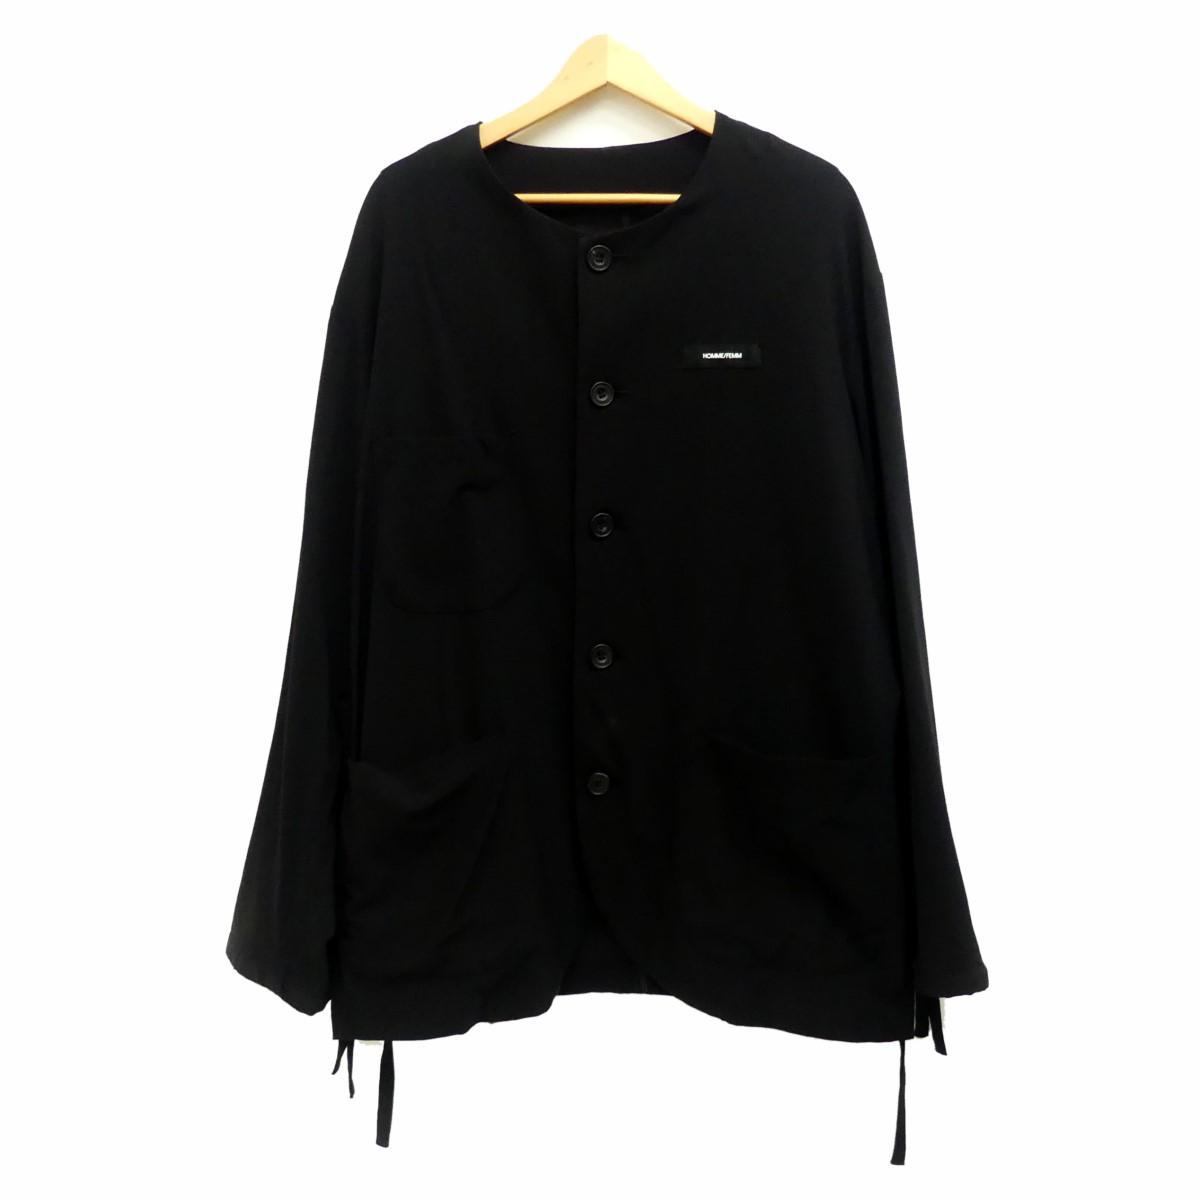 【中古】SYU HOMME19SS ノーカラージャケット ブラック サイズ:1 【5月14日見直し】